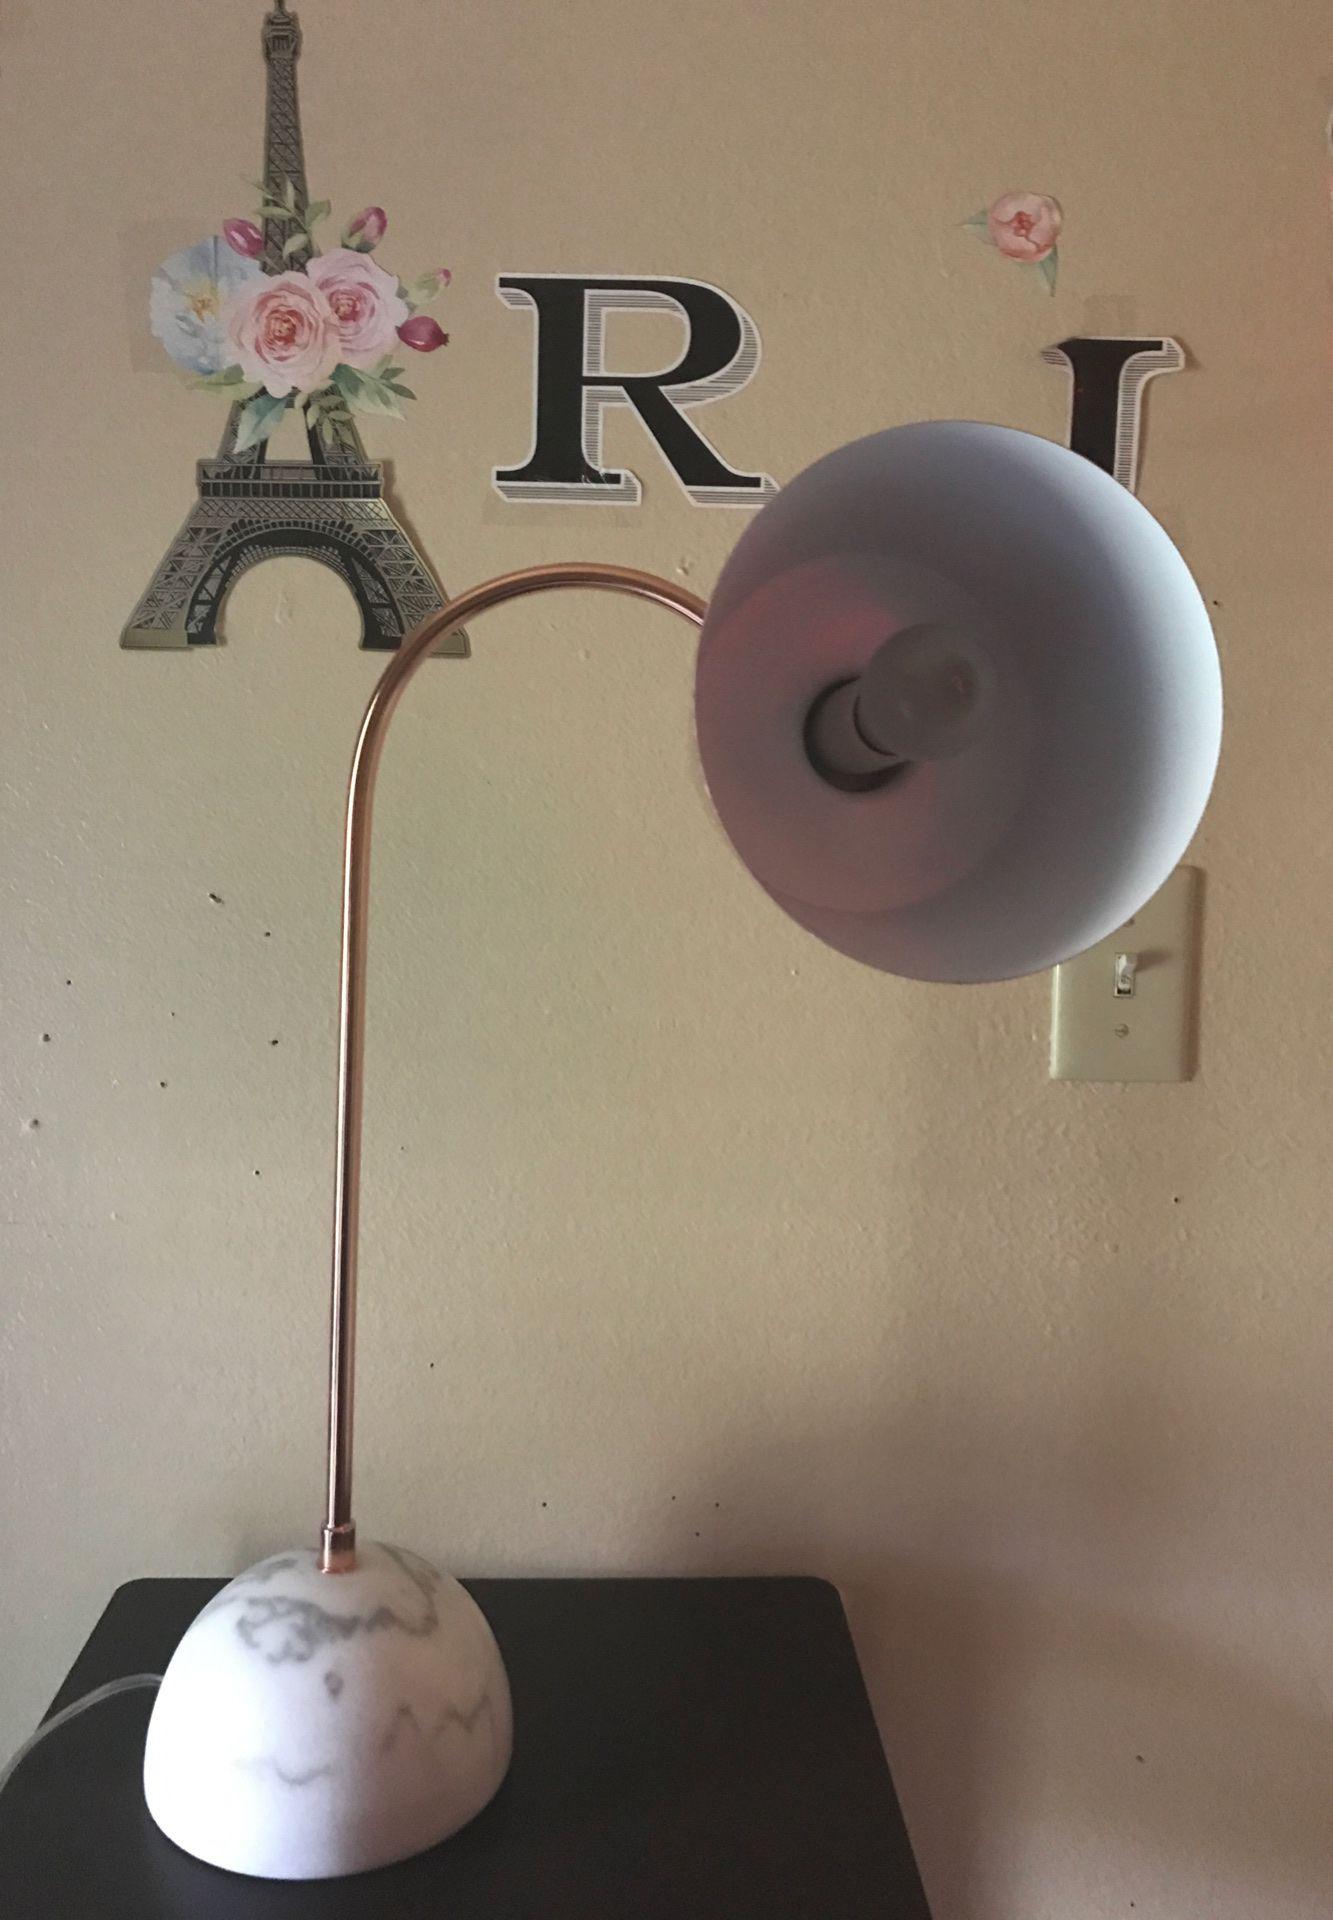 A modern desk lamp